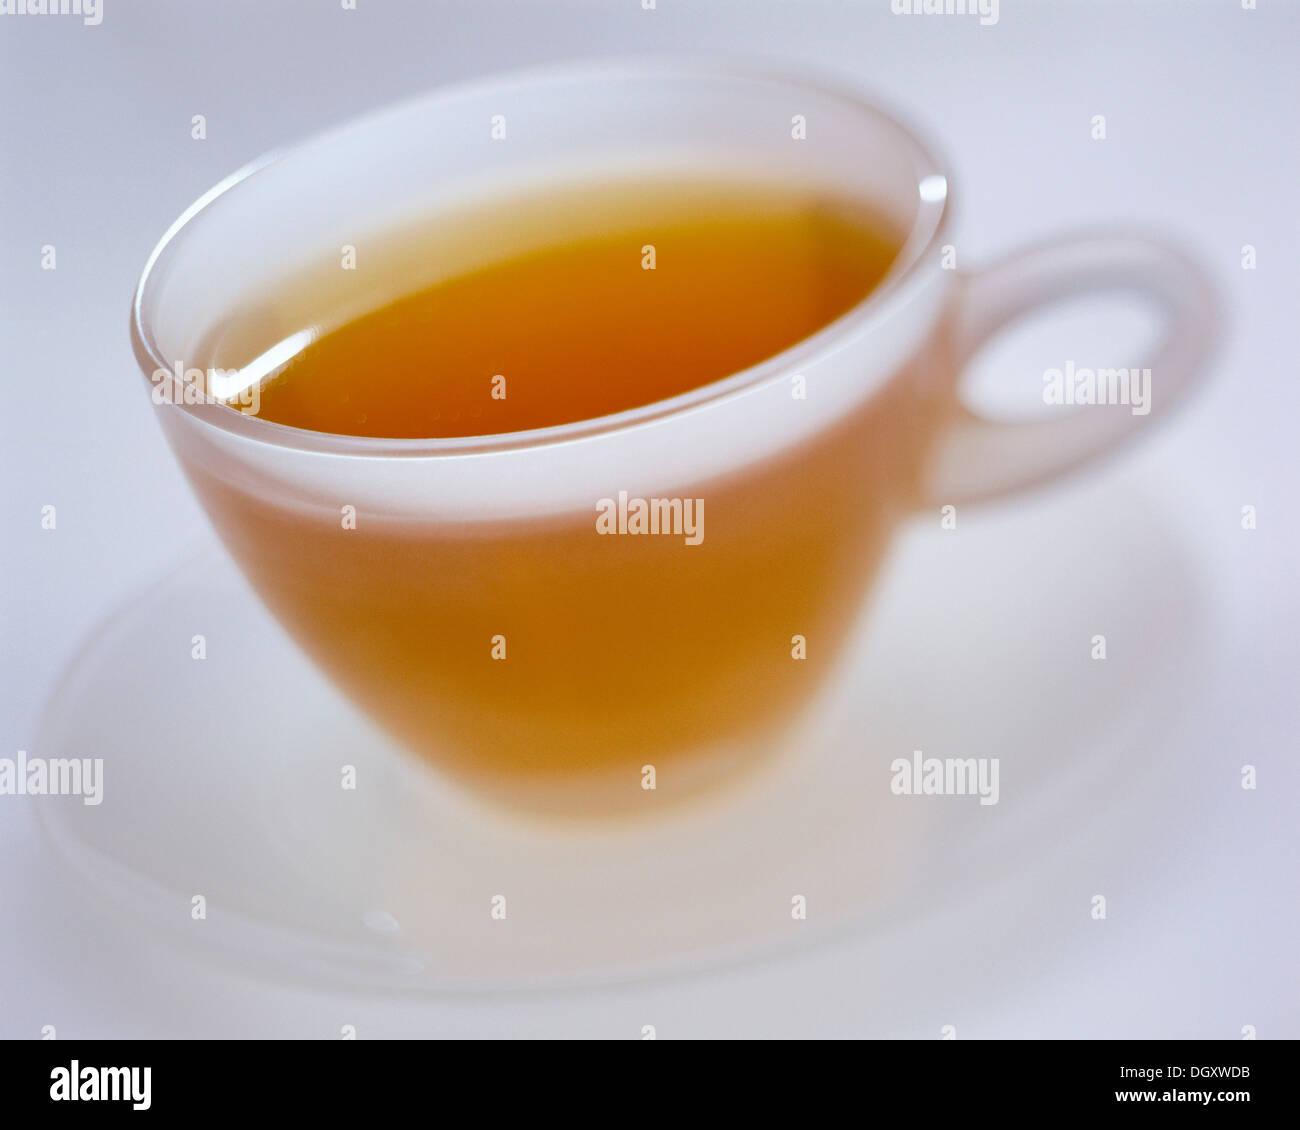 Transparent teacup with green tea - Stock Image